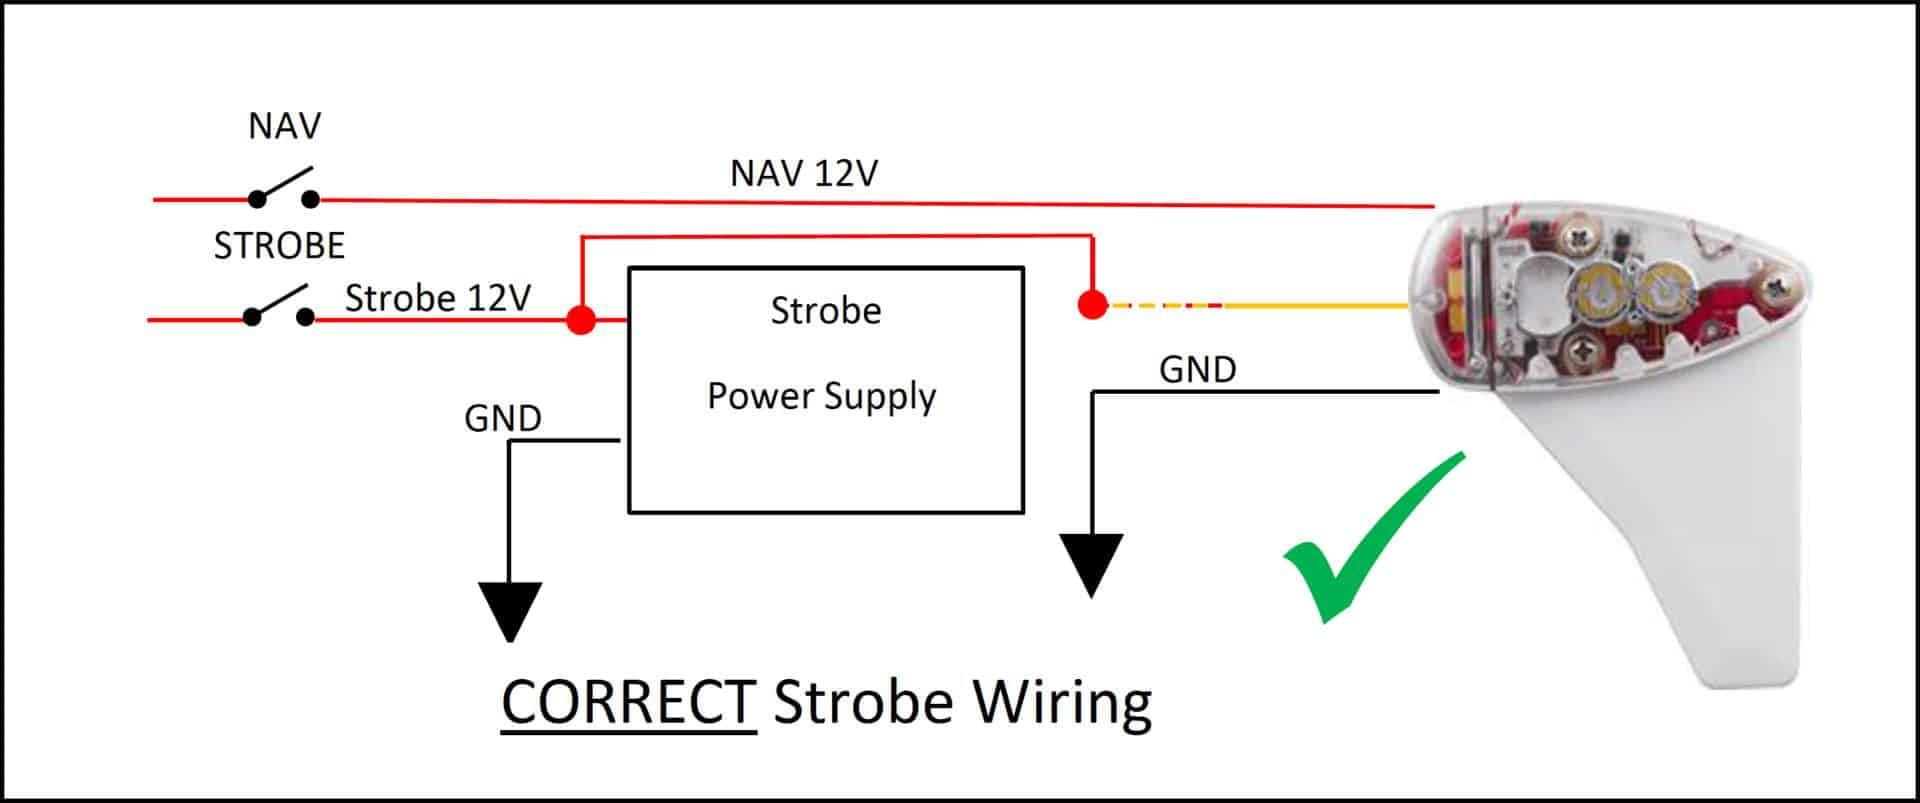 power supply wiring diagram strobe wiring diagram uavionix power supply wiring diagram pc strobe wiring diagram uavionix